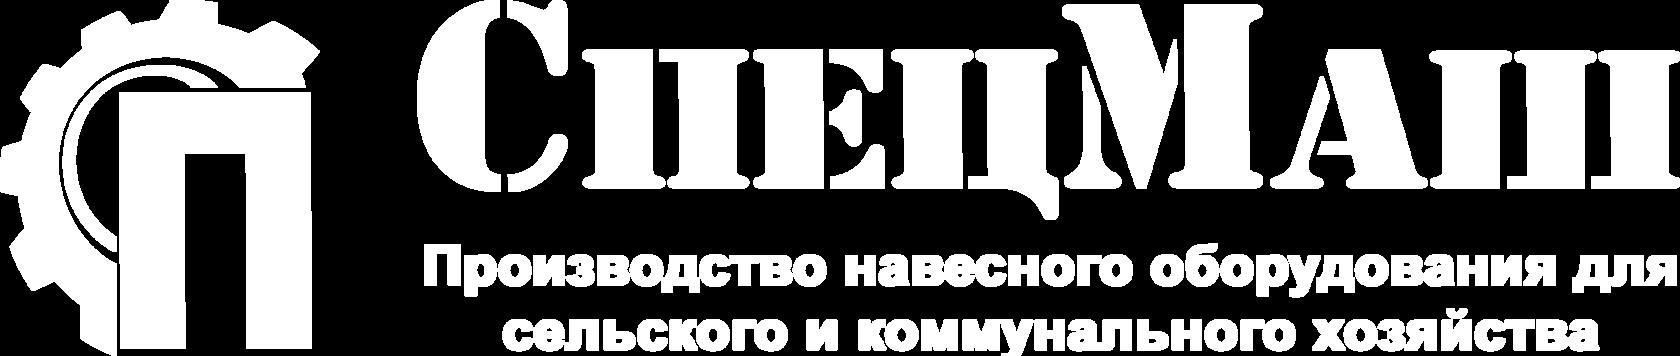 СПЕЦМАШ42